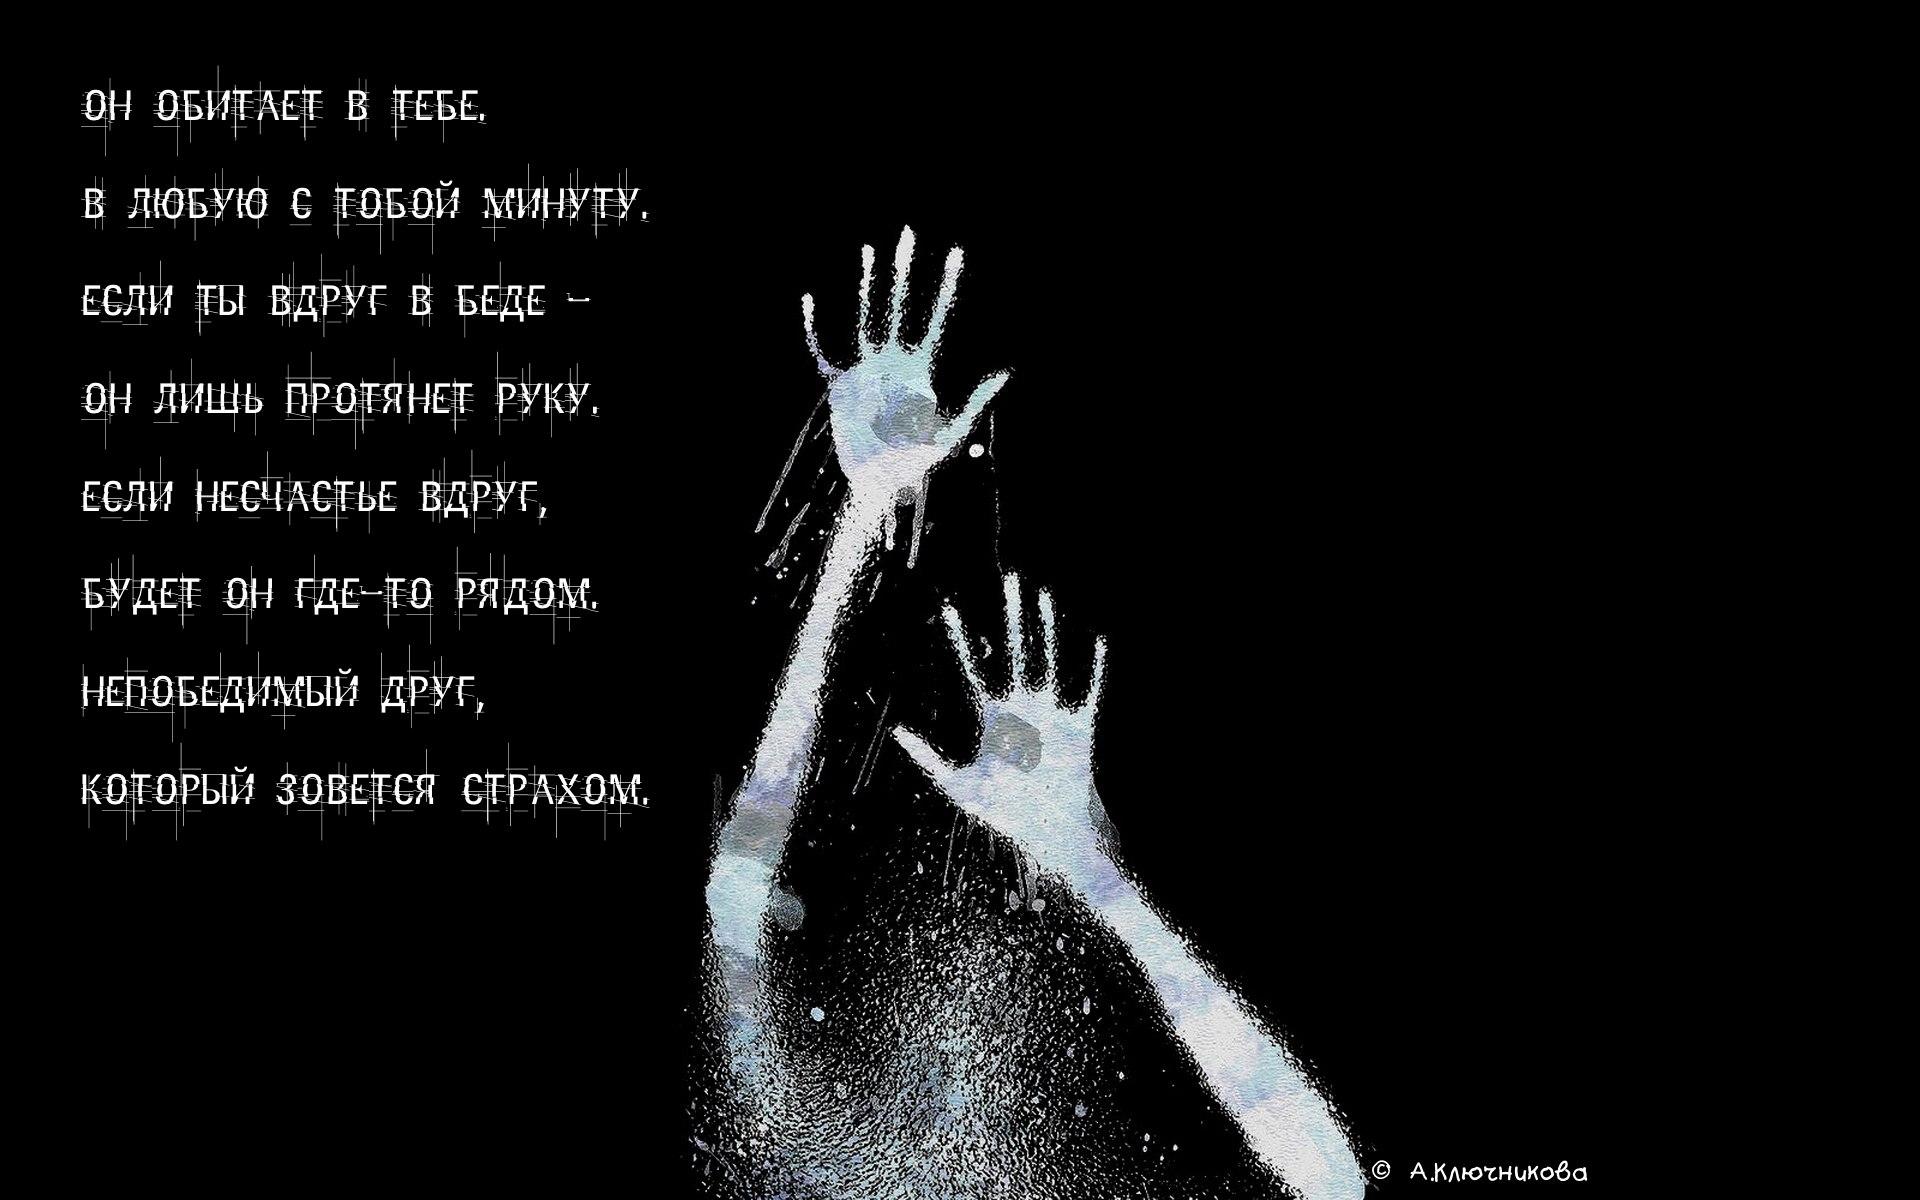 Как бы я хотела бы тебя назвать своими руками